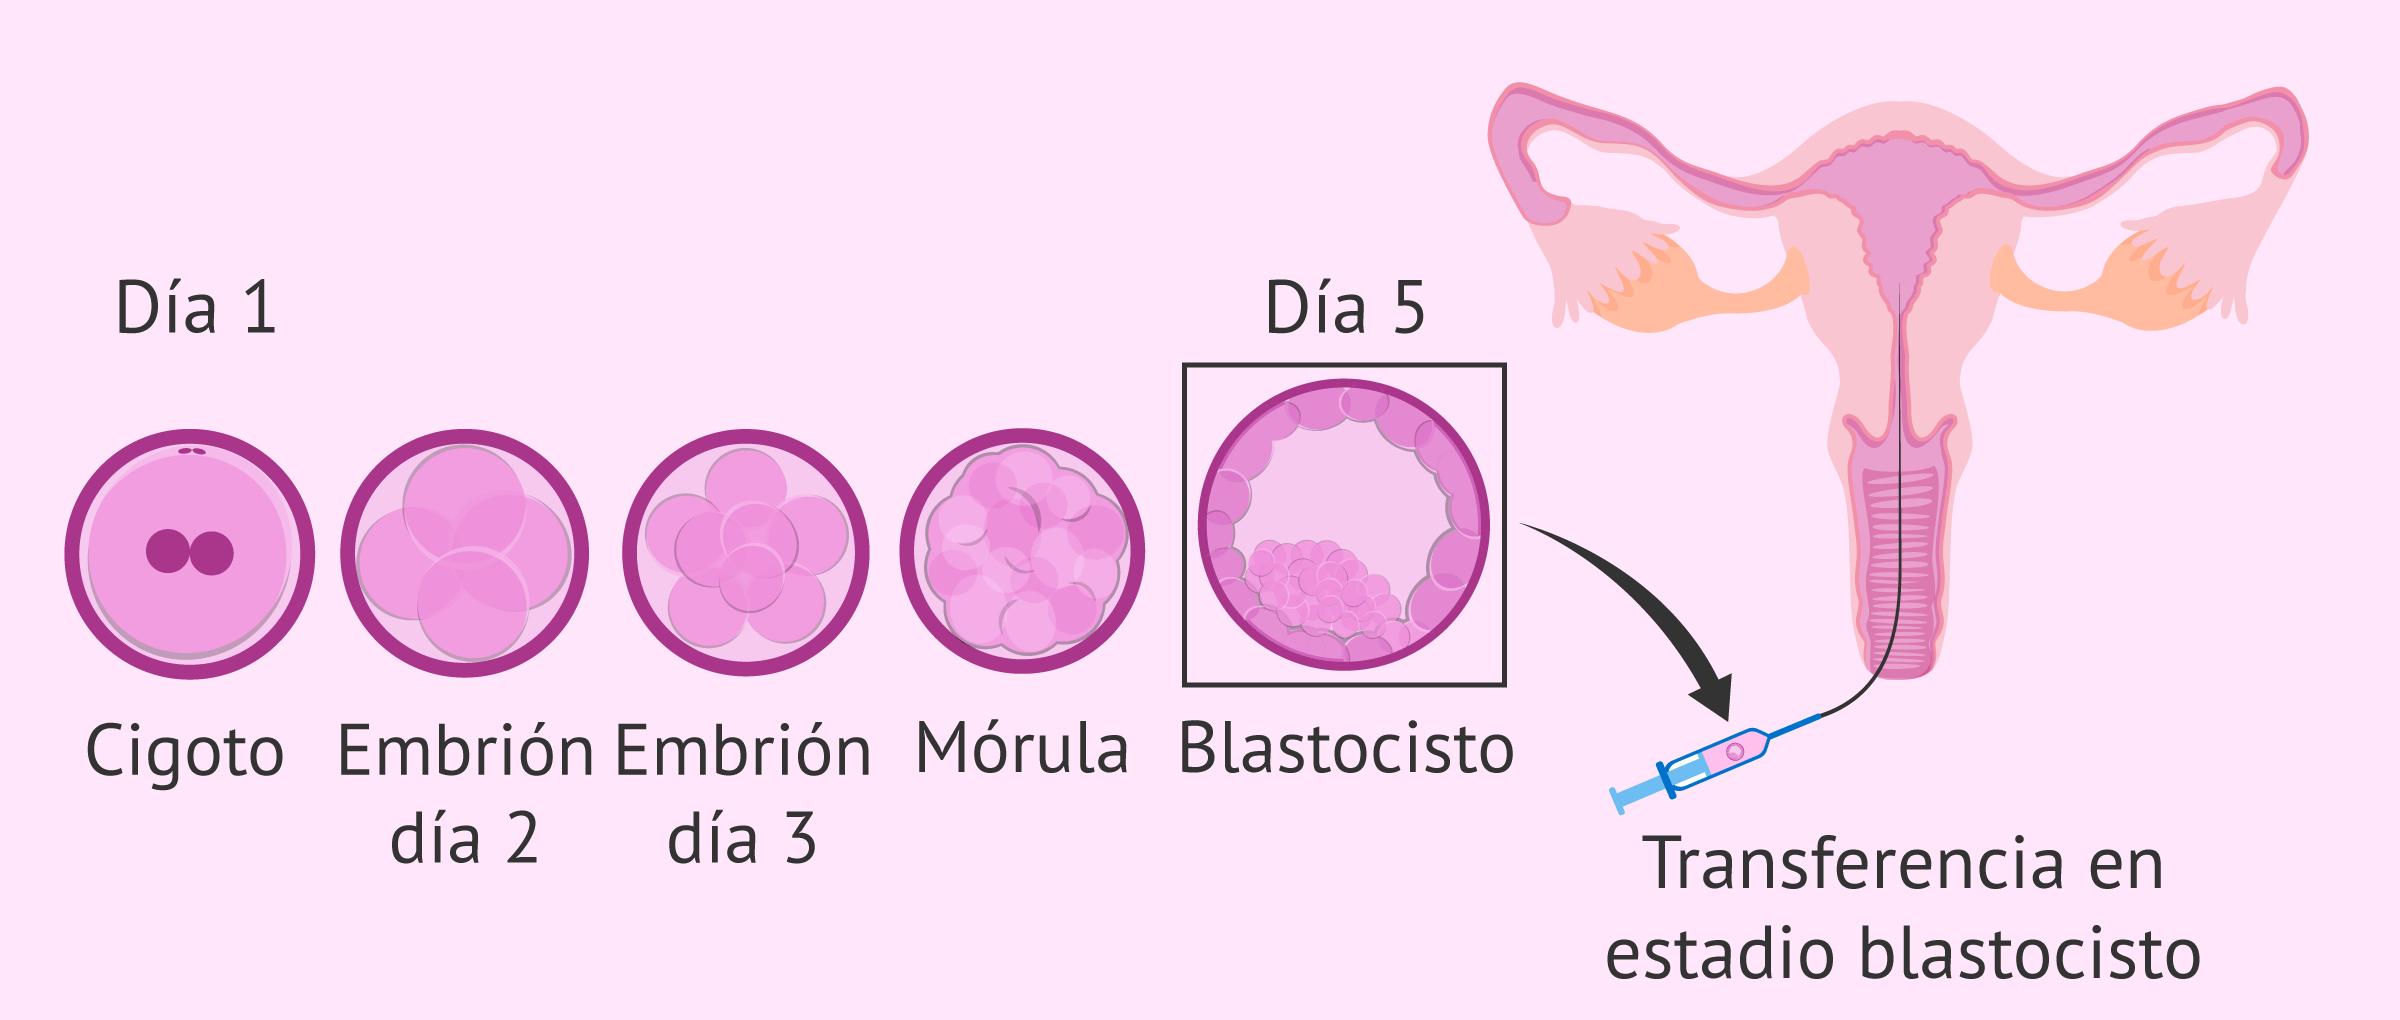 Fallos repetidos de implantaci n embrionaria causas y for Con que se limpia el marmol manchado